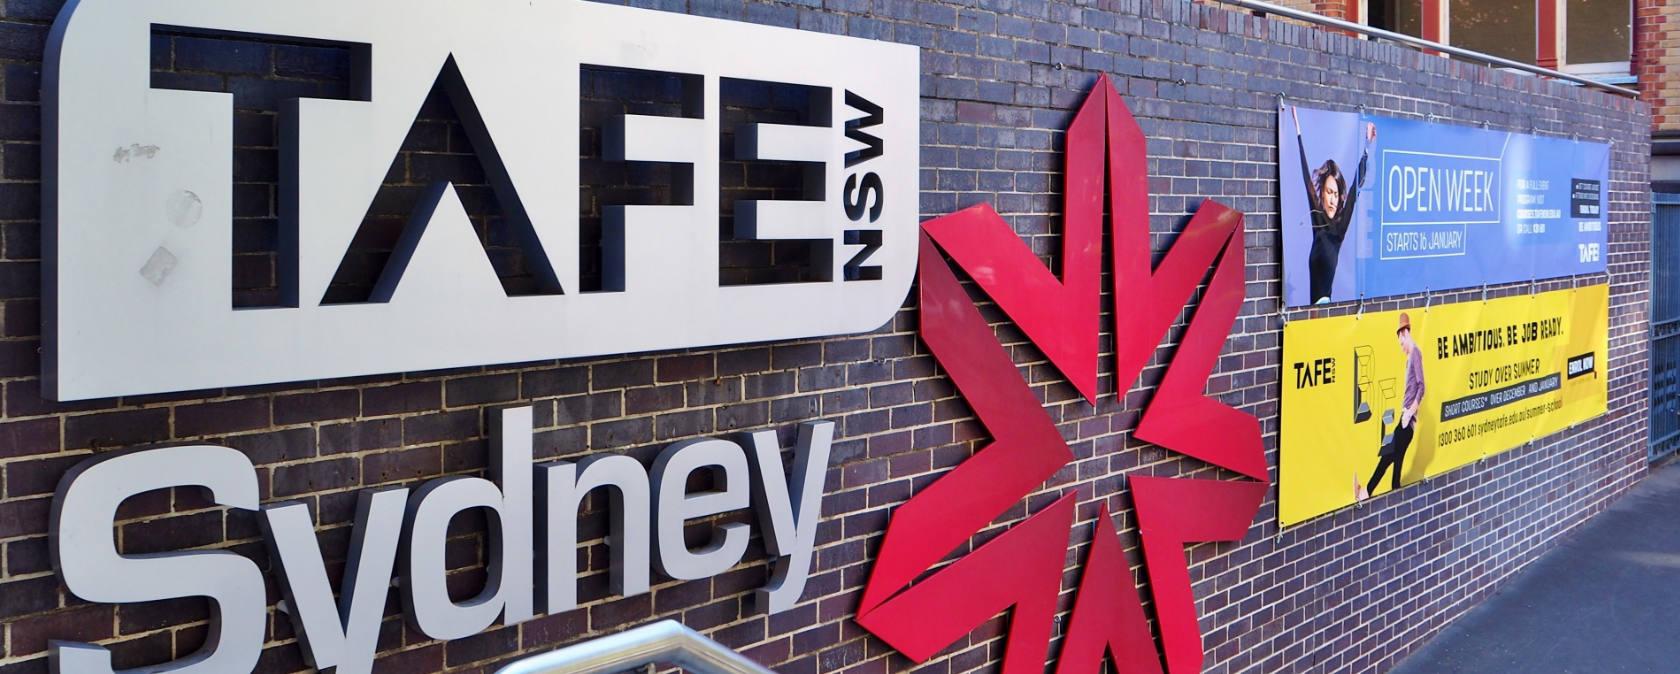 Signage for TAFE NSW Sydney